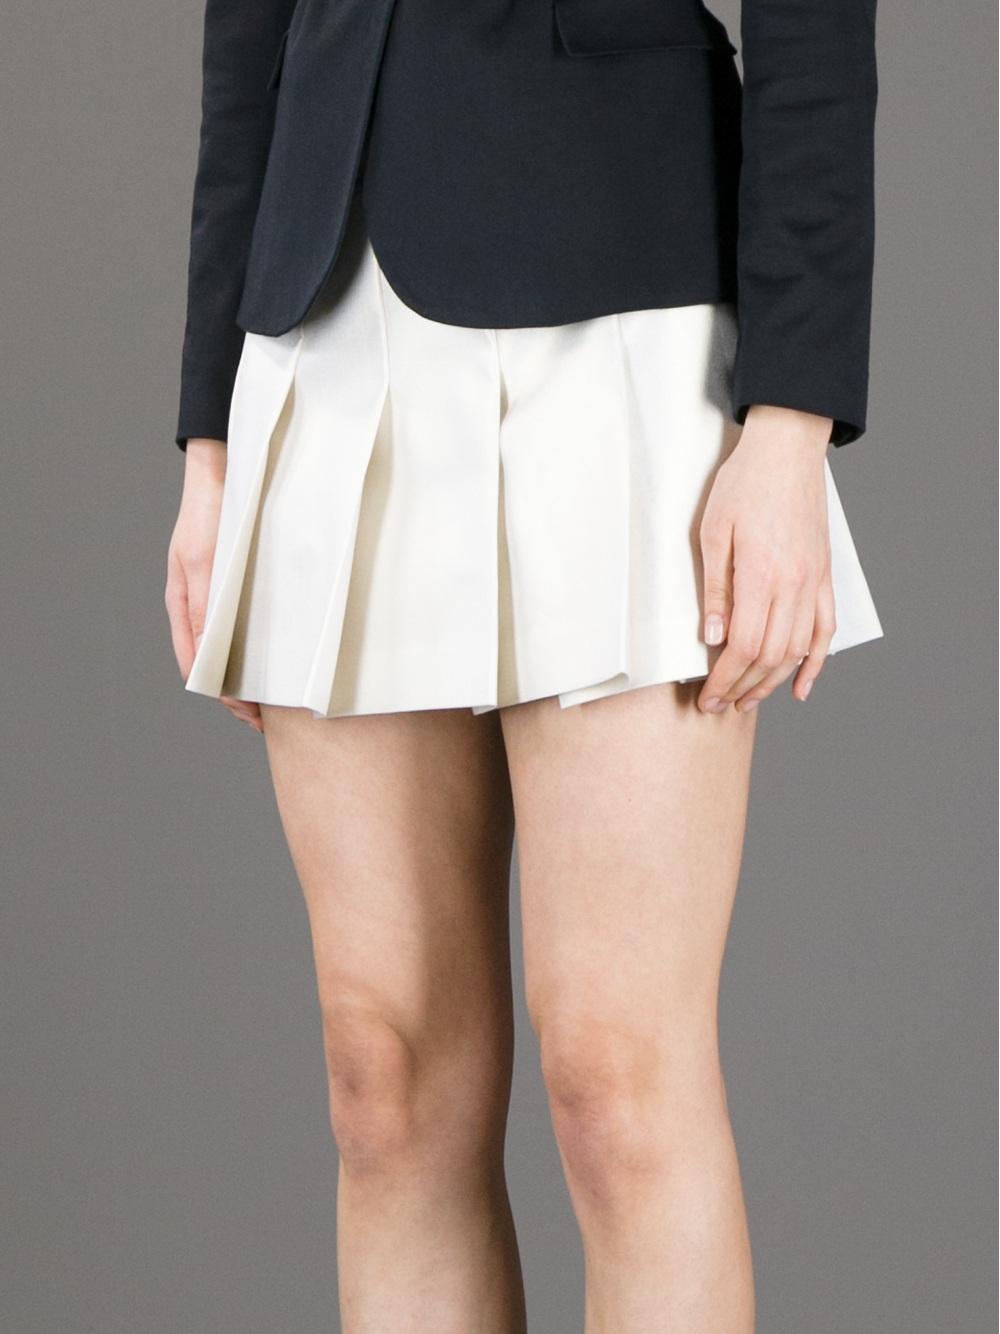 Comme des garçons Short Pleated Skirt in White | Lyst